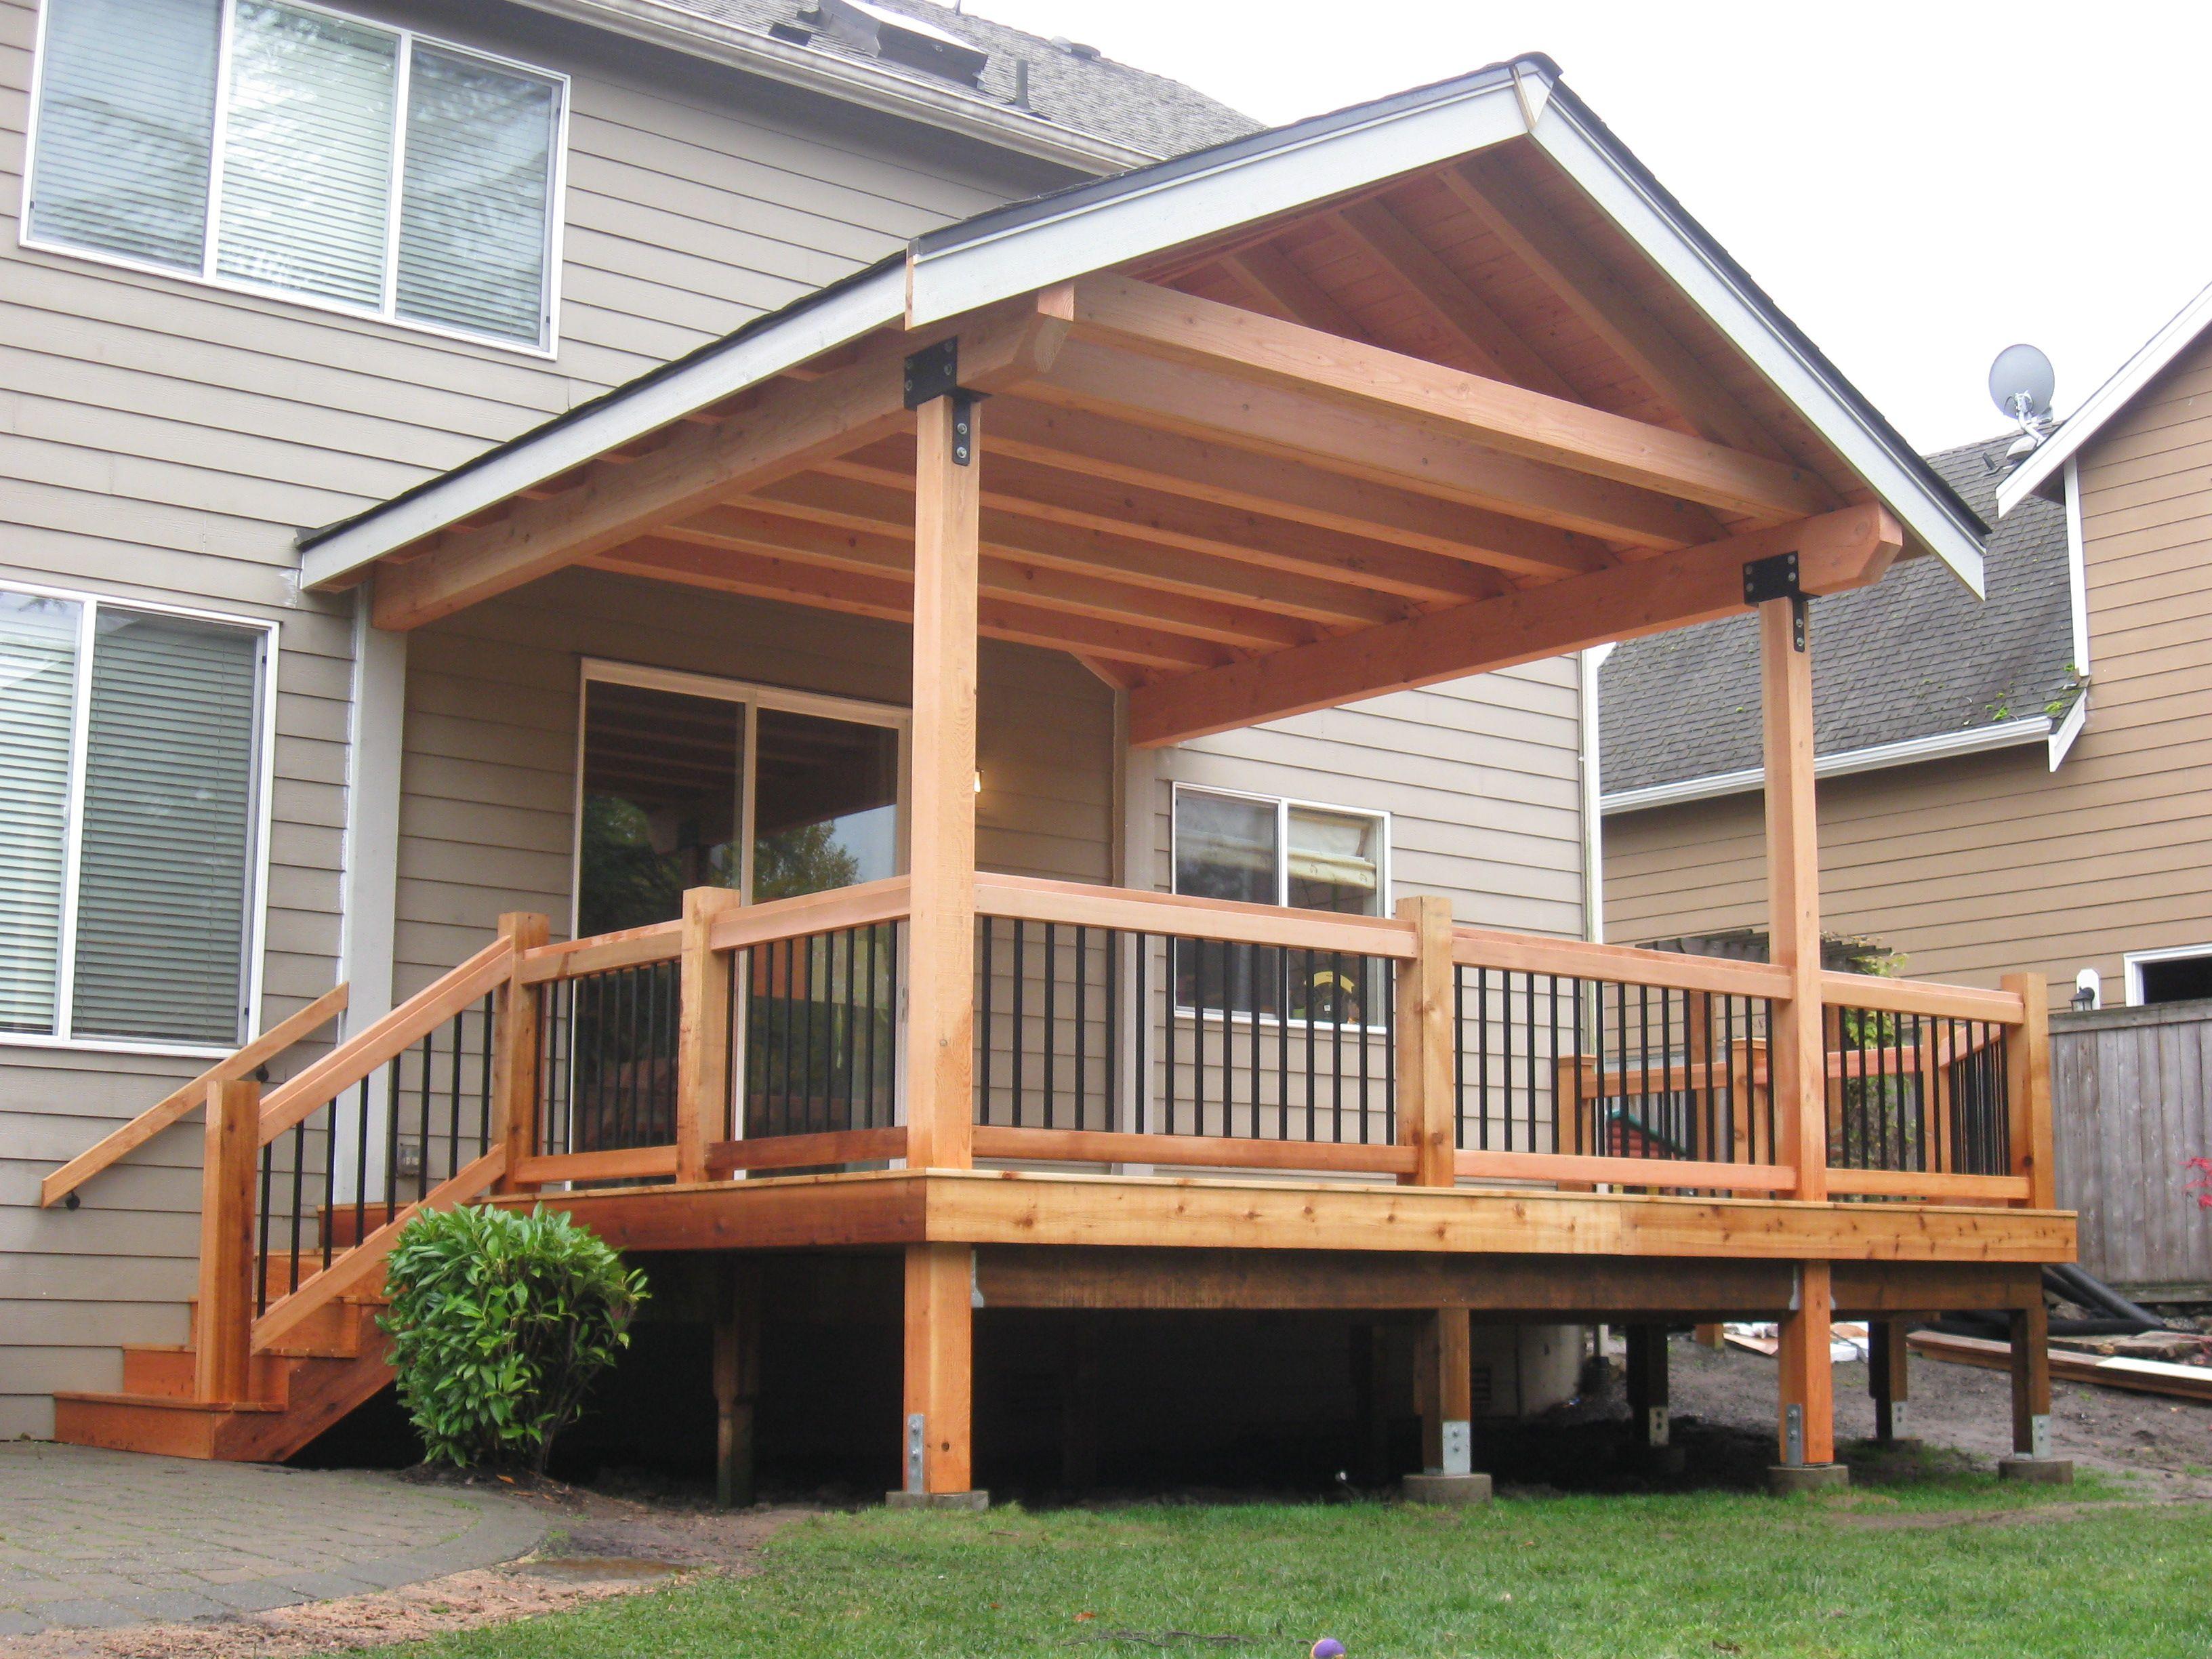 Fir timber framed roof cover over cedar deck built by